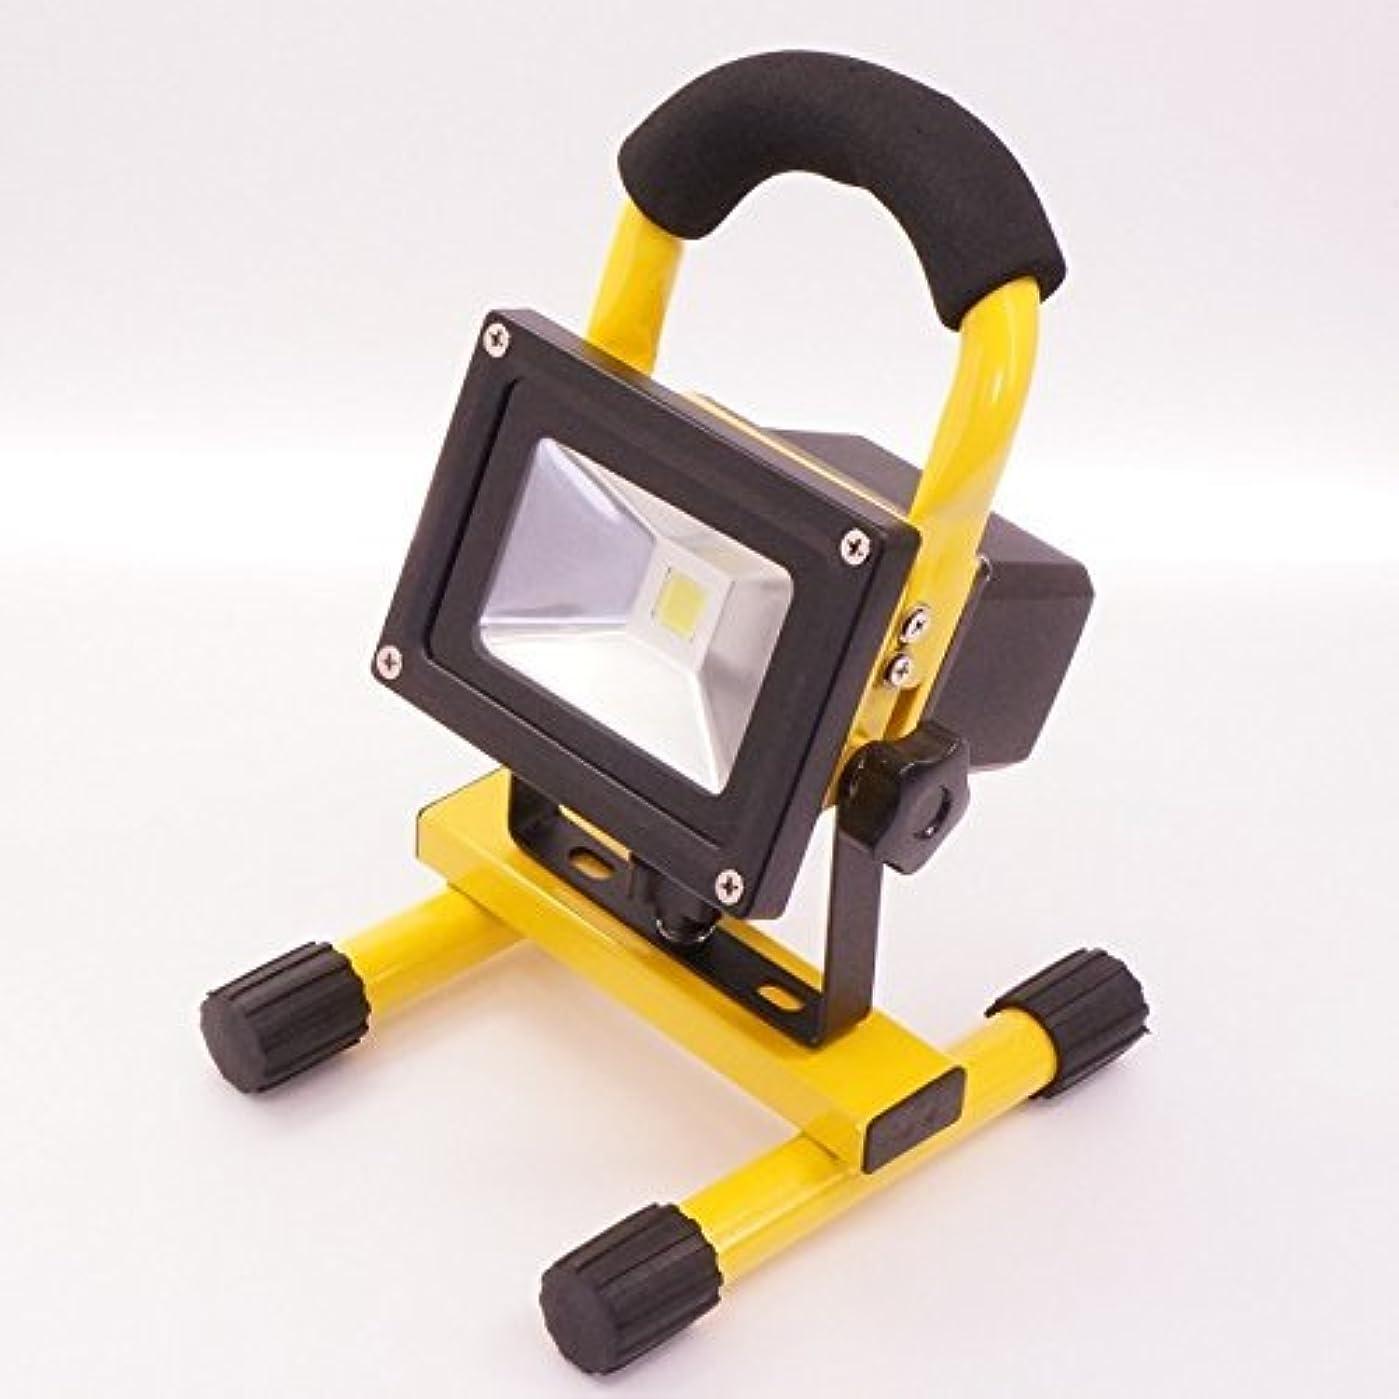 リール弱める管理Ysdeal 10W LED充電式 ポータブル投光器 [バッテリー内蔵] 昼白色 1200ルーメン IP65防水加工 照明角度調整可能 アウトドア、看板灯、釣り、キャンプ、夜間作業などで大活躍 ! (SMD, 10W)